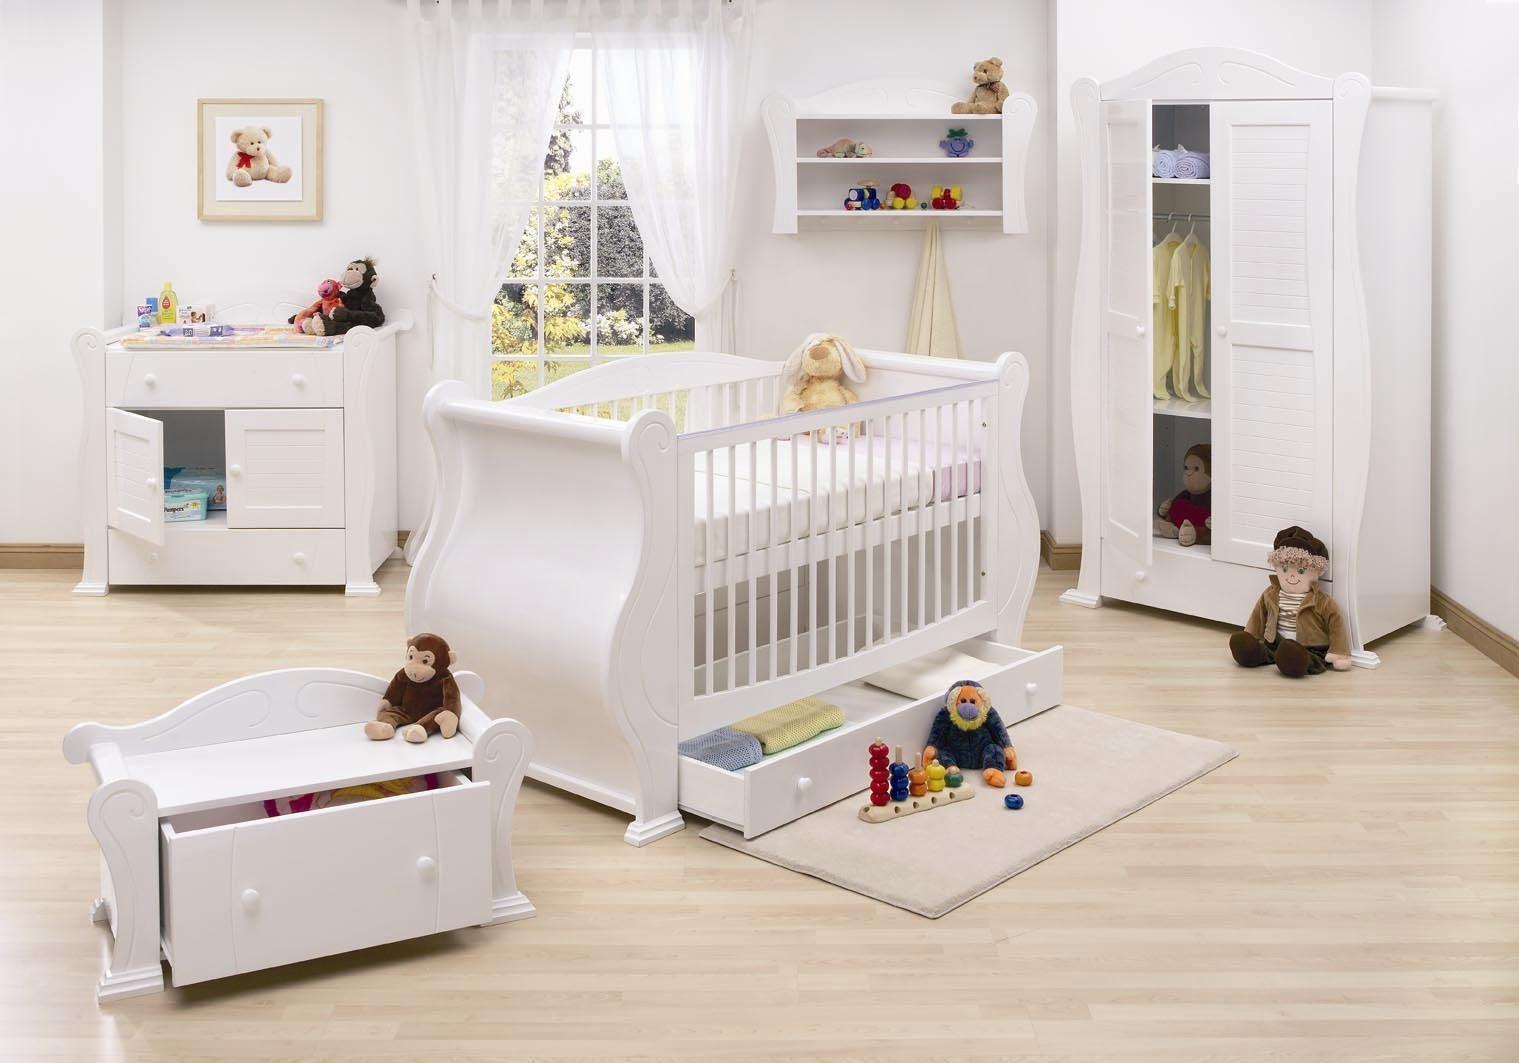 Consejos de decoraci n sobre habitaciones de beb s - Habitaciones para bebe ...